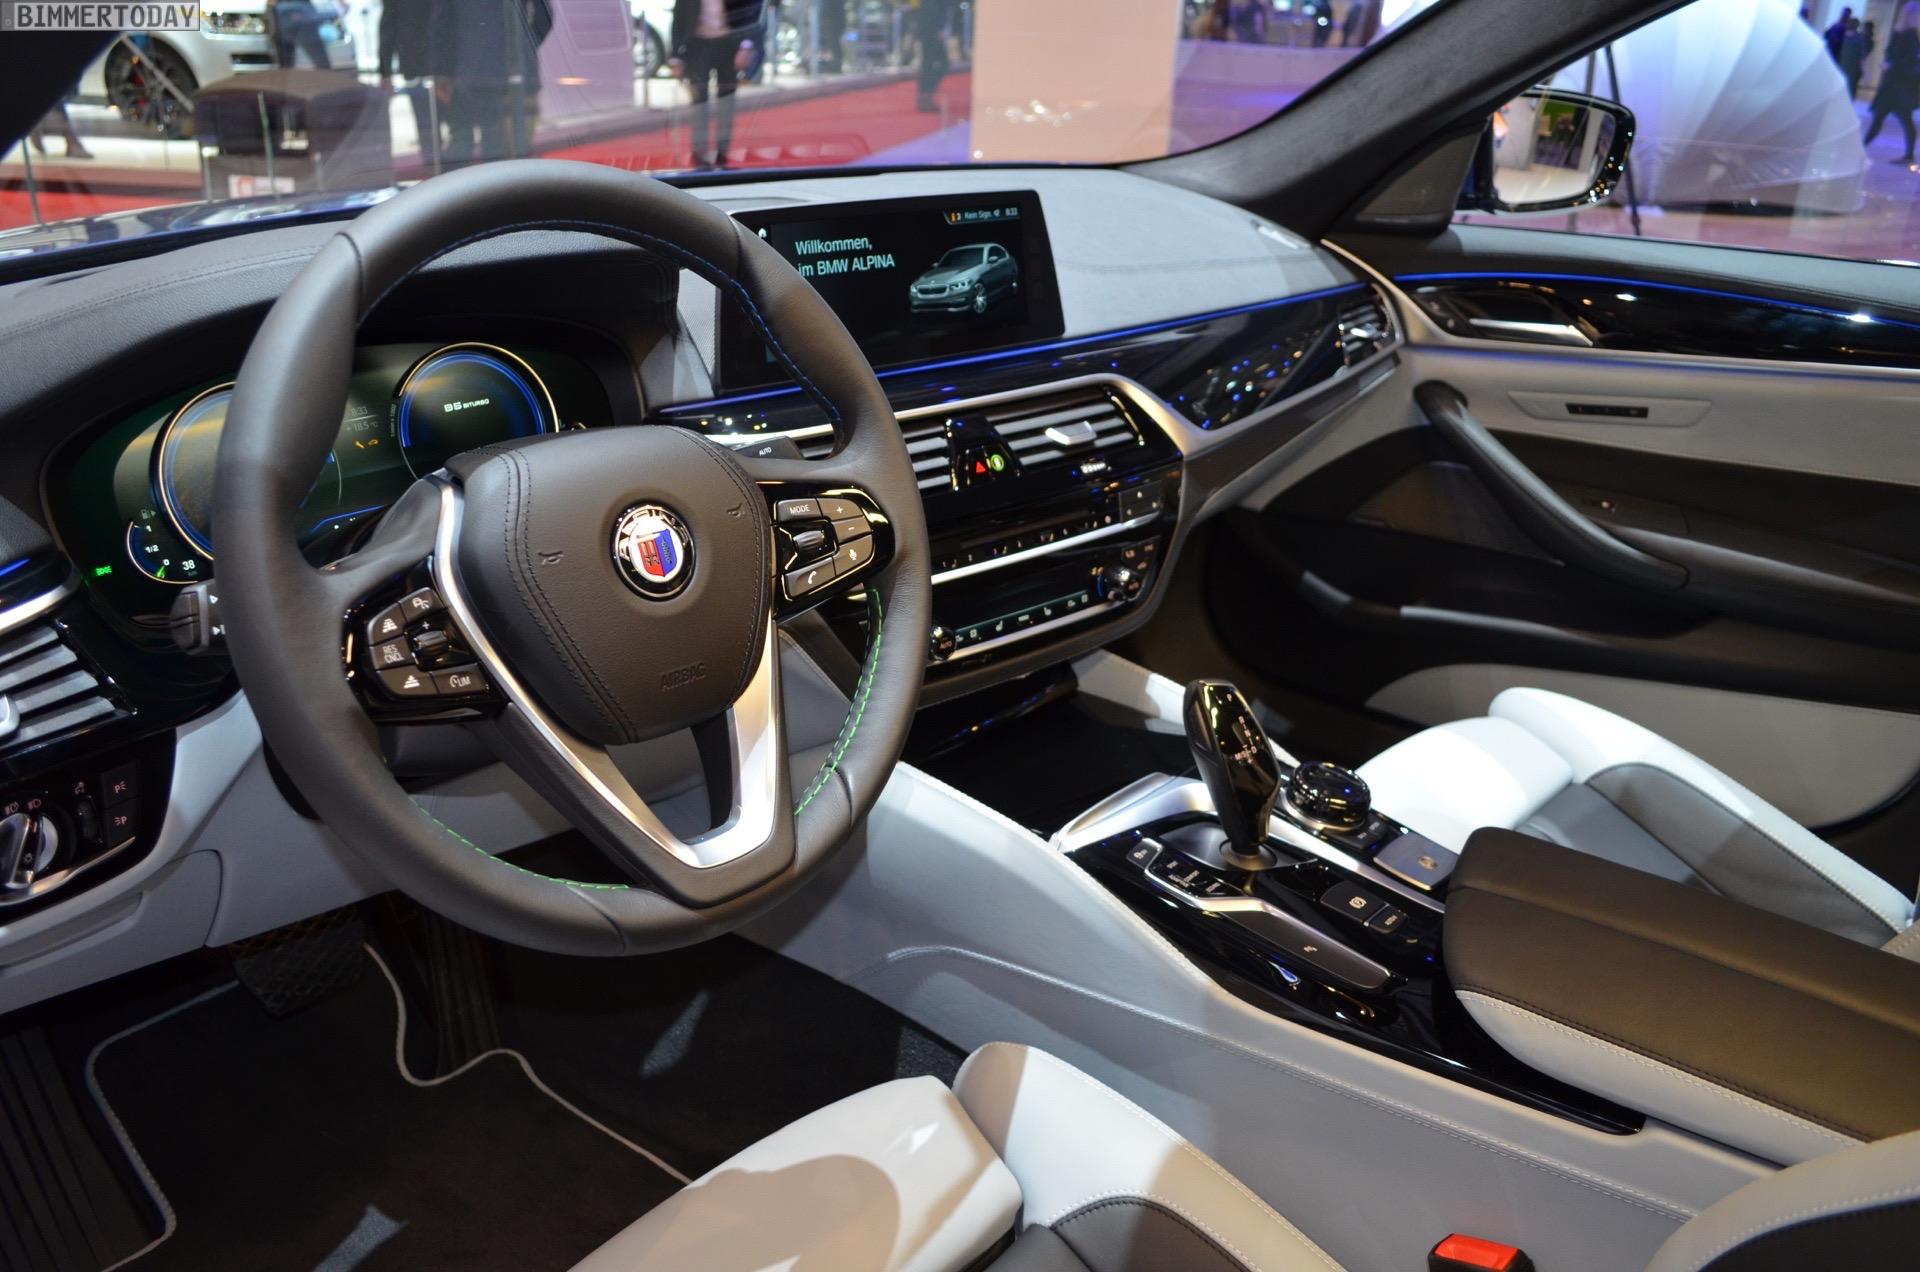 https://cdn.bmwblog.com/wp-content/uploads/2017/03/2017-BMW-Alpina-B5-G30-5er-Limousine-Interieur-Genf-Autosalon-Live-01.jpg